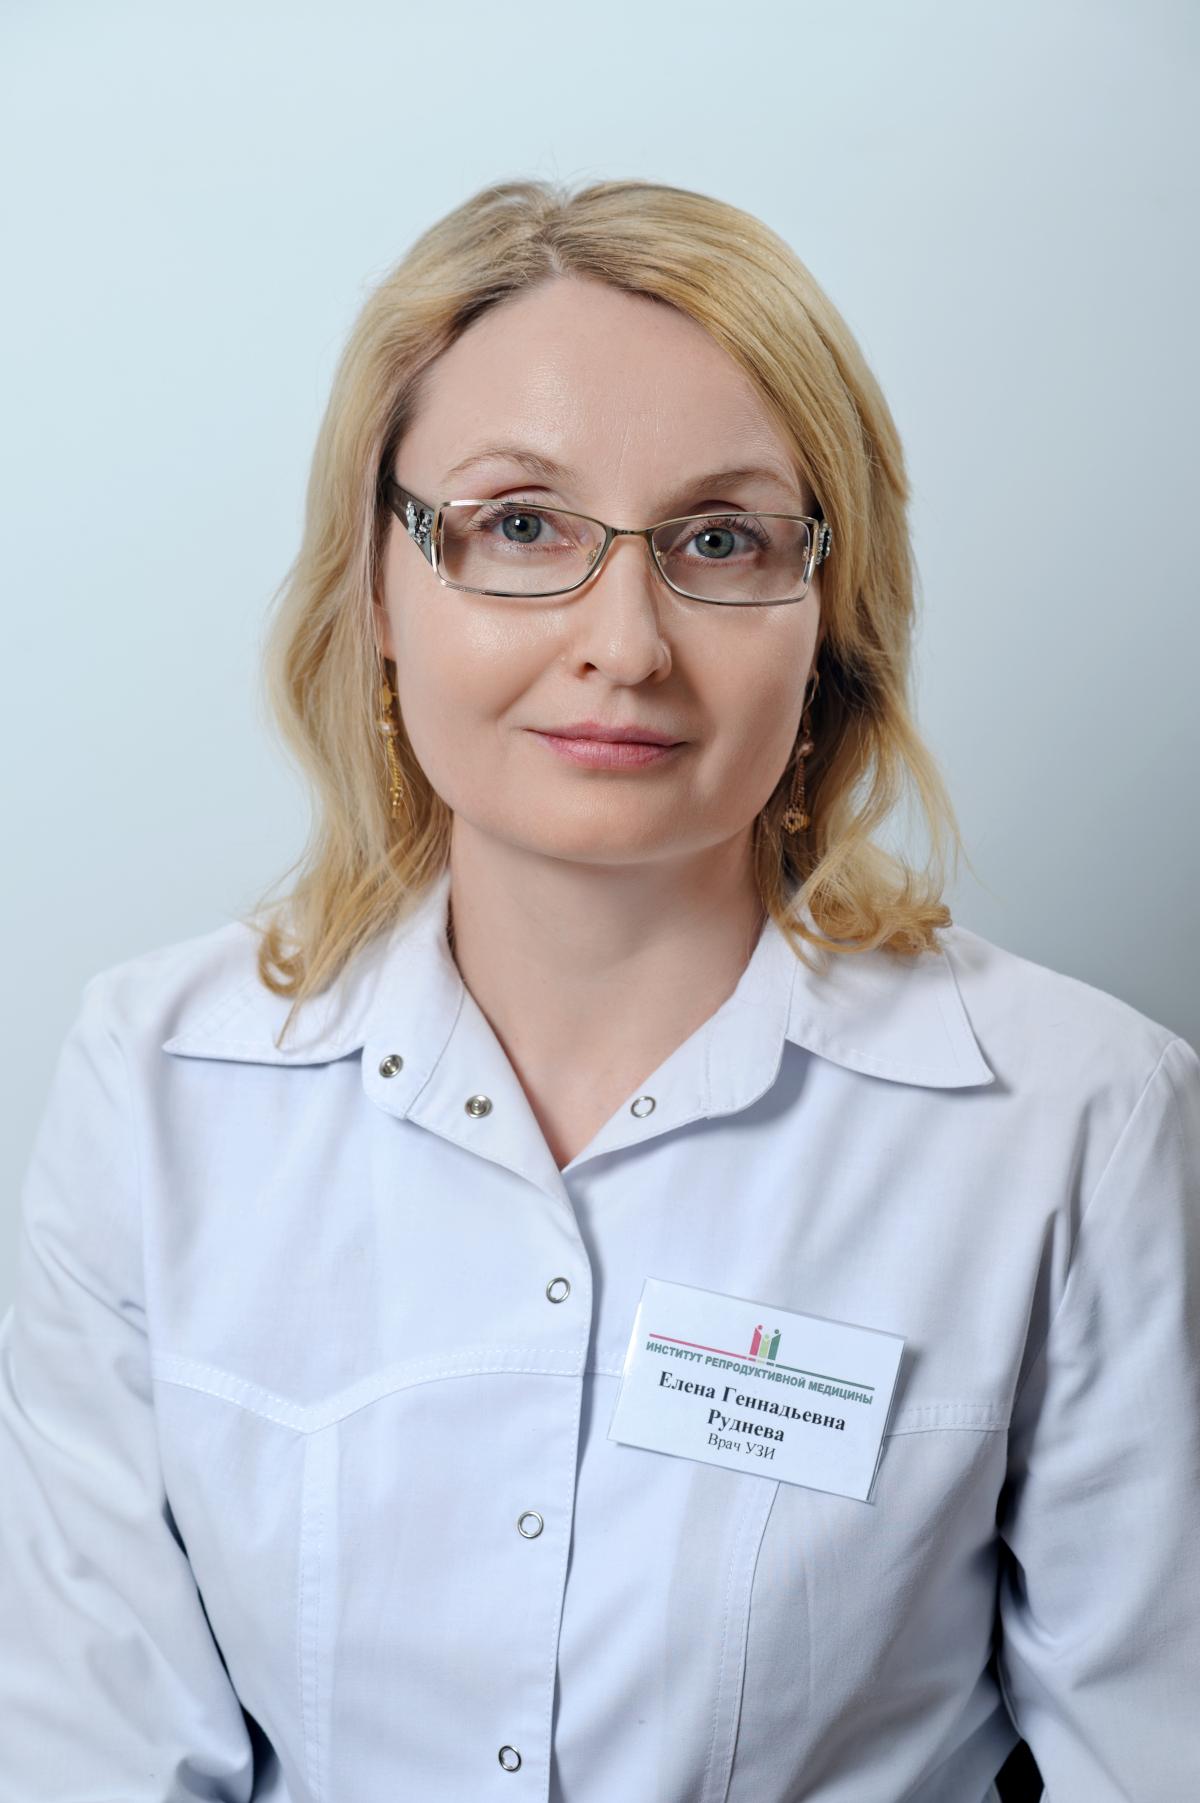 Руднева Елена Геннадьевна фото